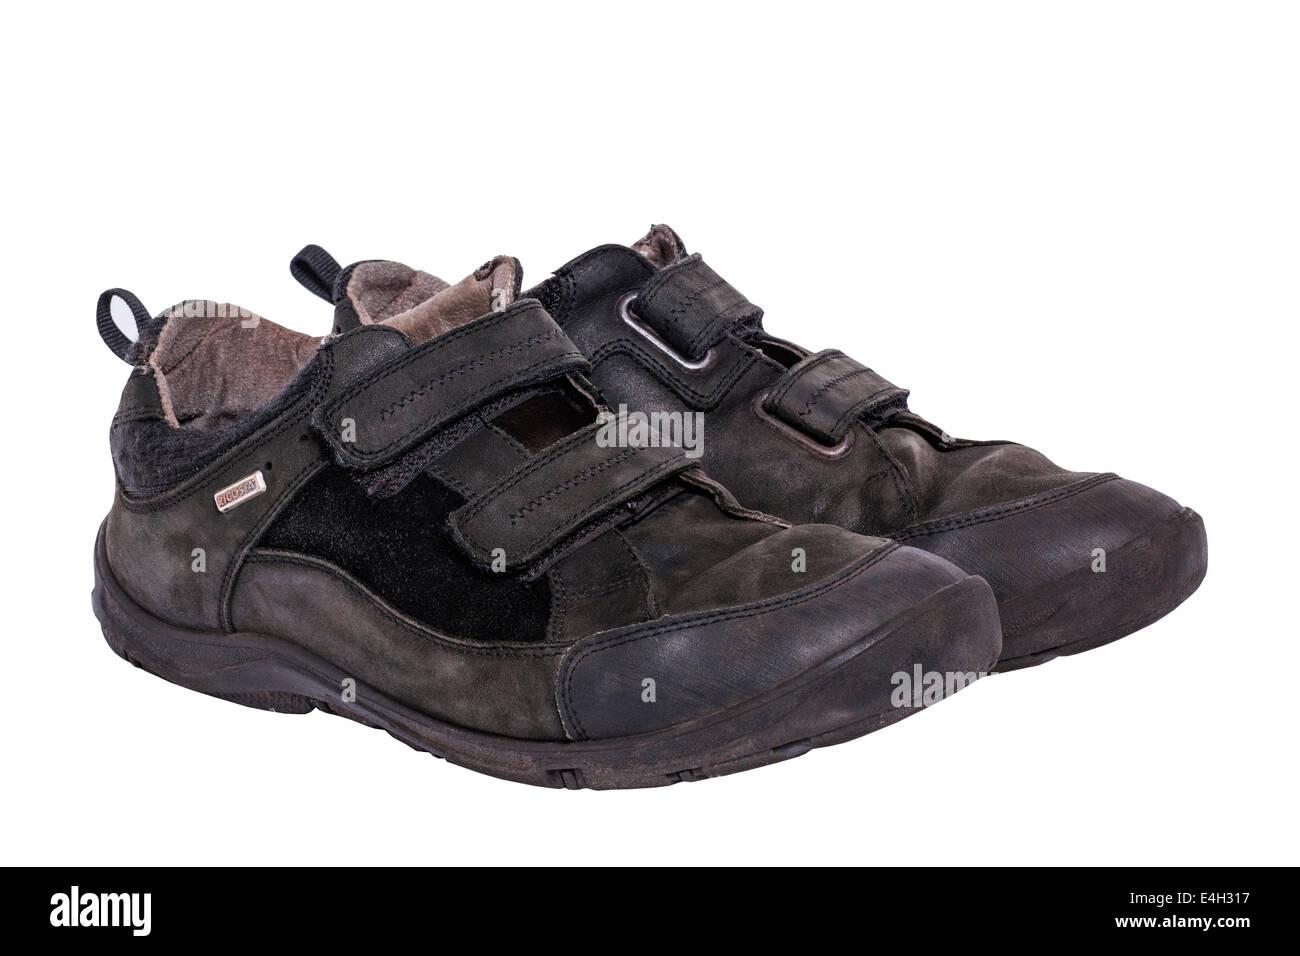 Una coppia di ragazzi usurati allacciare velcro nero scarpe scuola su  sfondo bianco Immagini Stock 9ae4f3f34d8